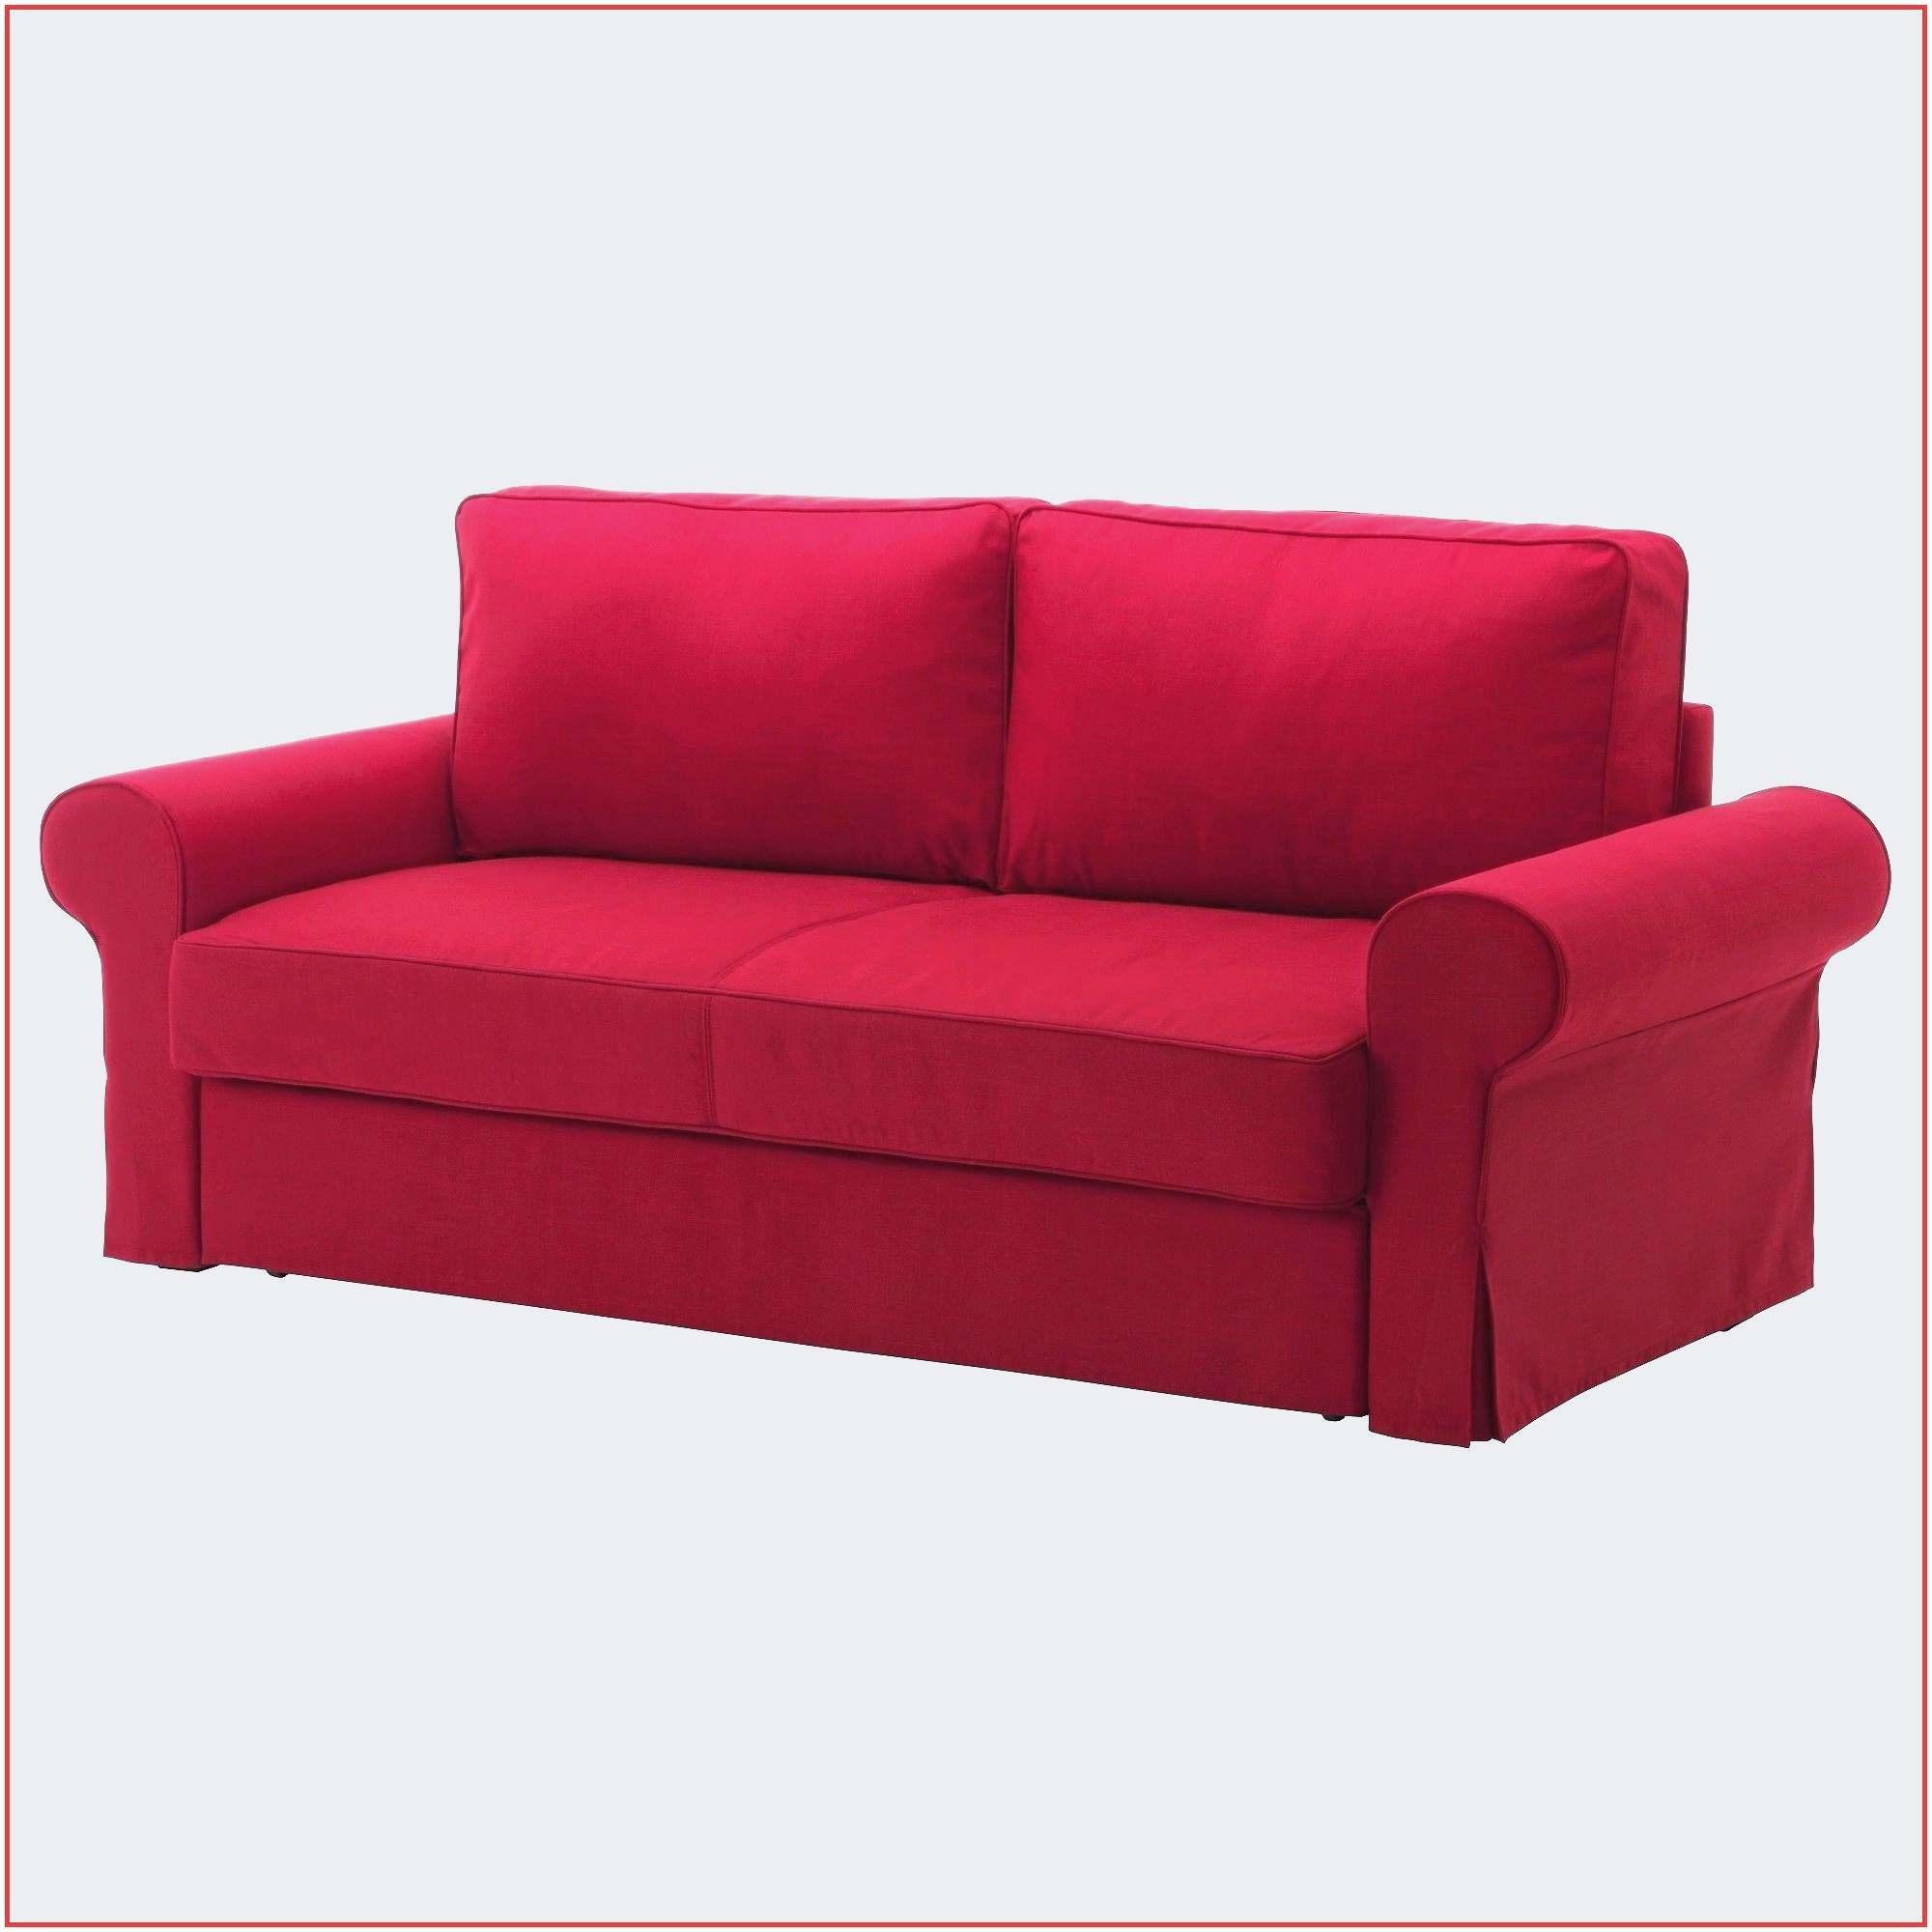 Canapé Lit Confortable Belle Beau Unique Canapé Lit Design Pour Sélection La Redoute Canapé